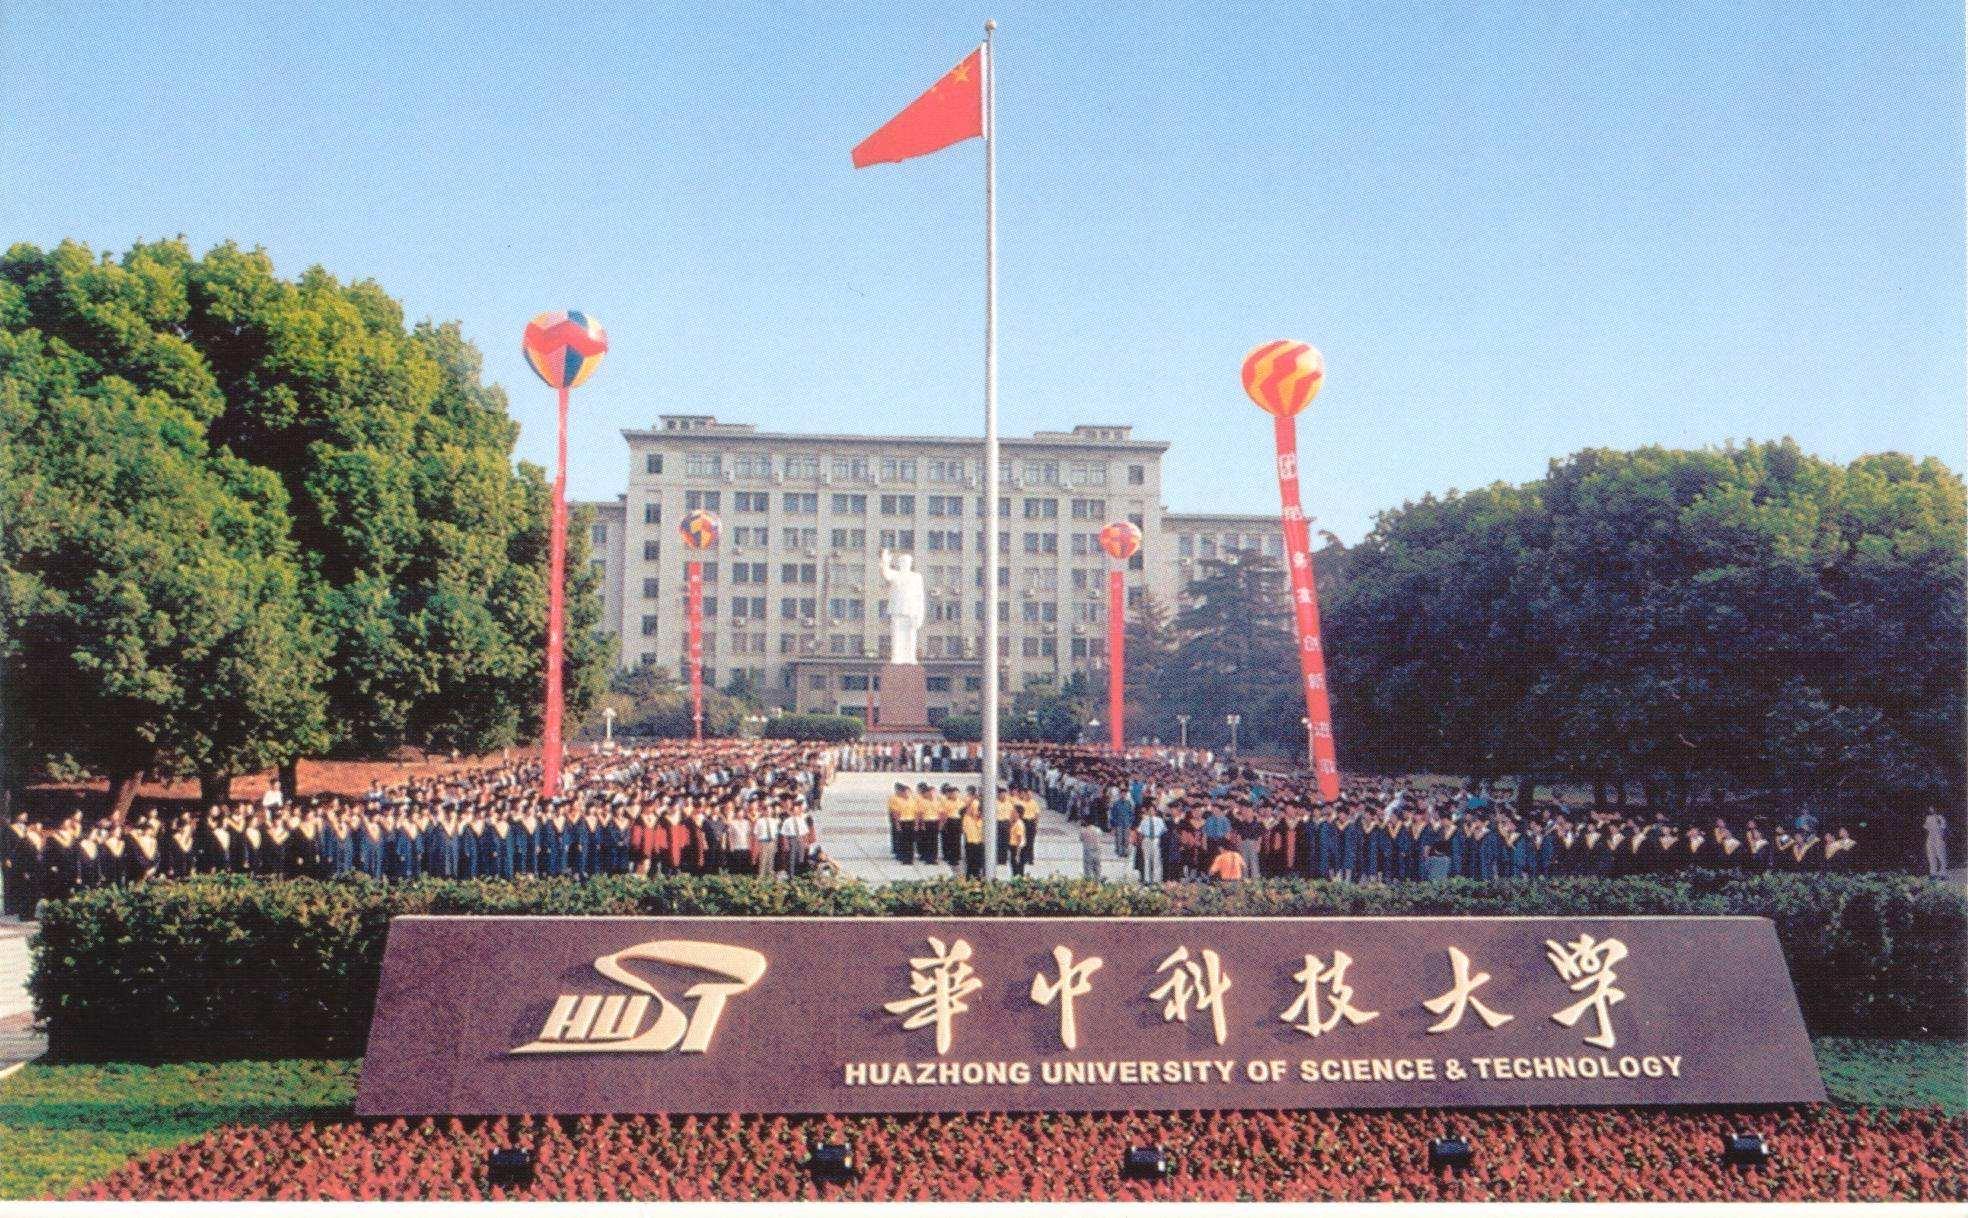 武汉大学校友捐出1个亿,重点支持人工智能,武大学生却很没面子